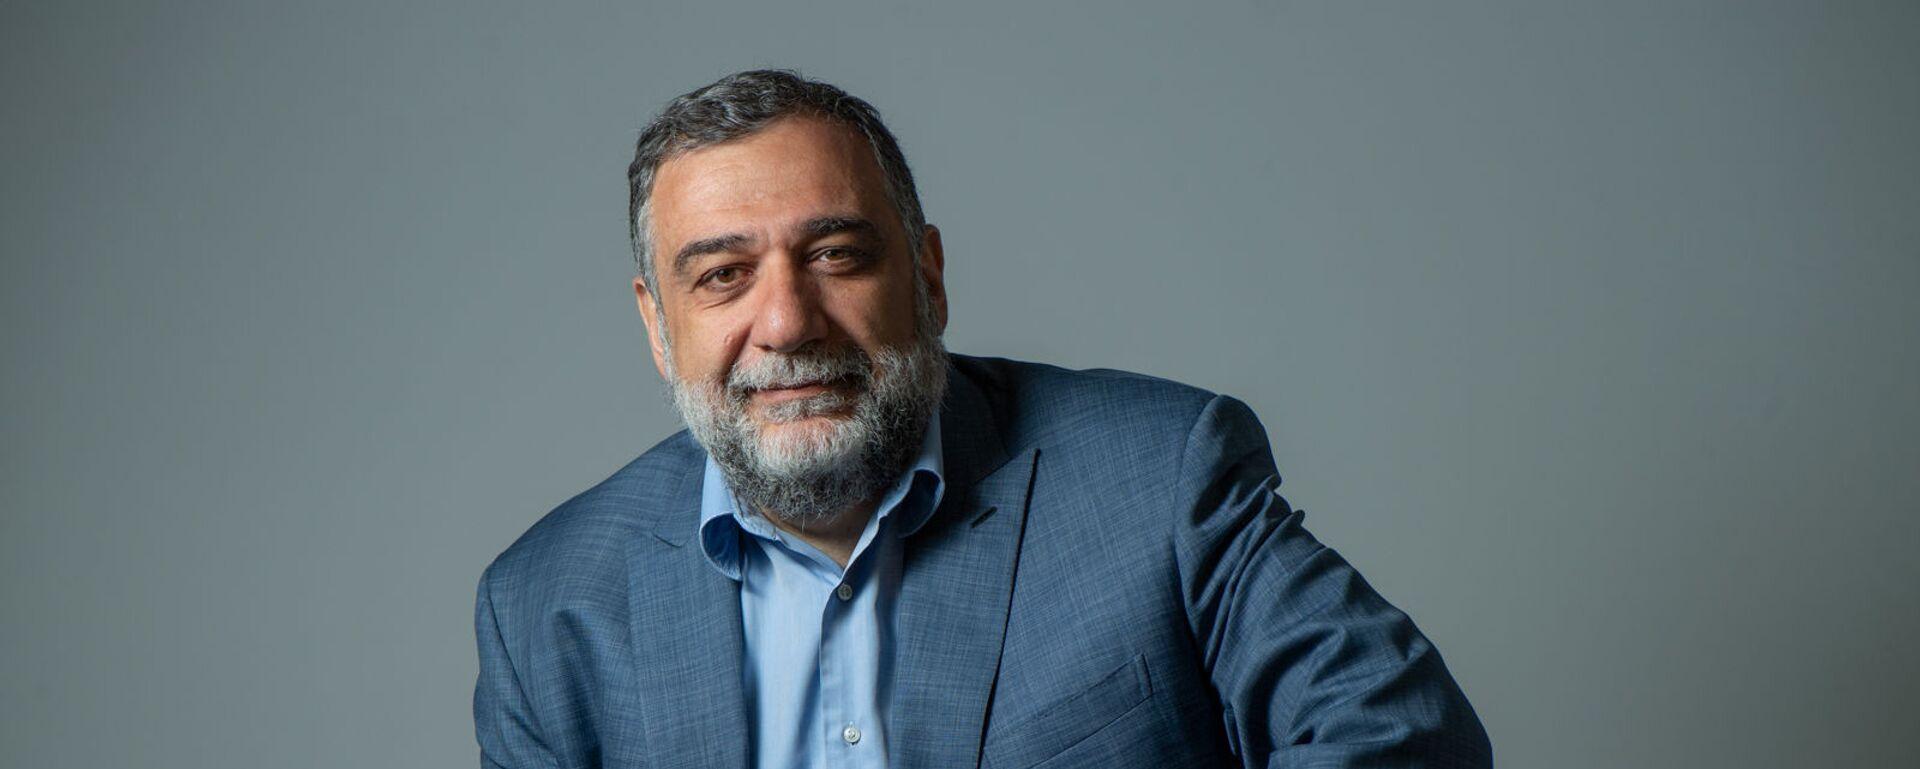 Соучредитель гуманитарной премии Аврора, бизнесмен Рубен Варданян в гостях радио Sputnik Армения - Sputnik Արմենիա, 1920, 10.05.2021